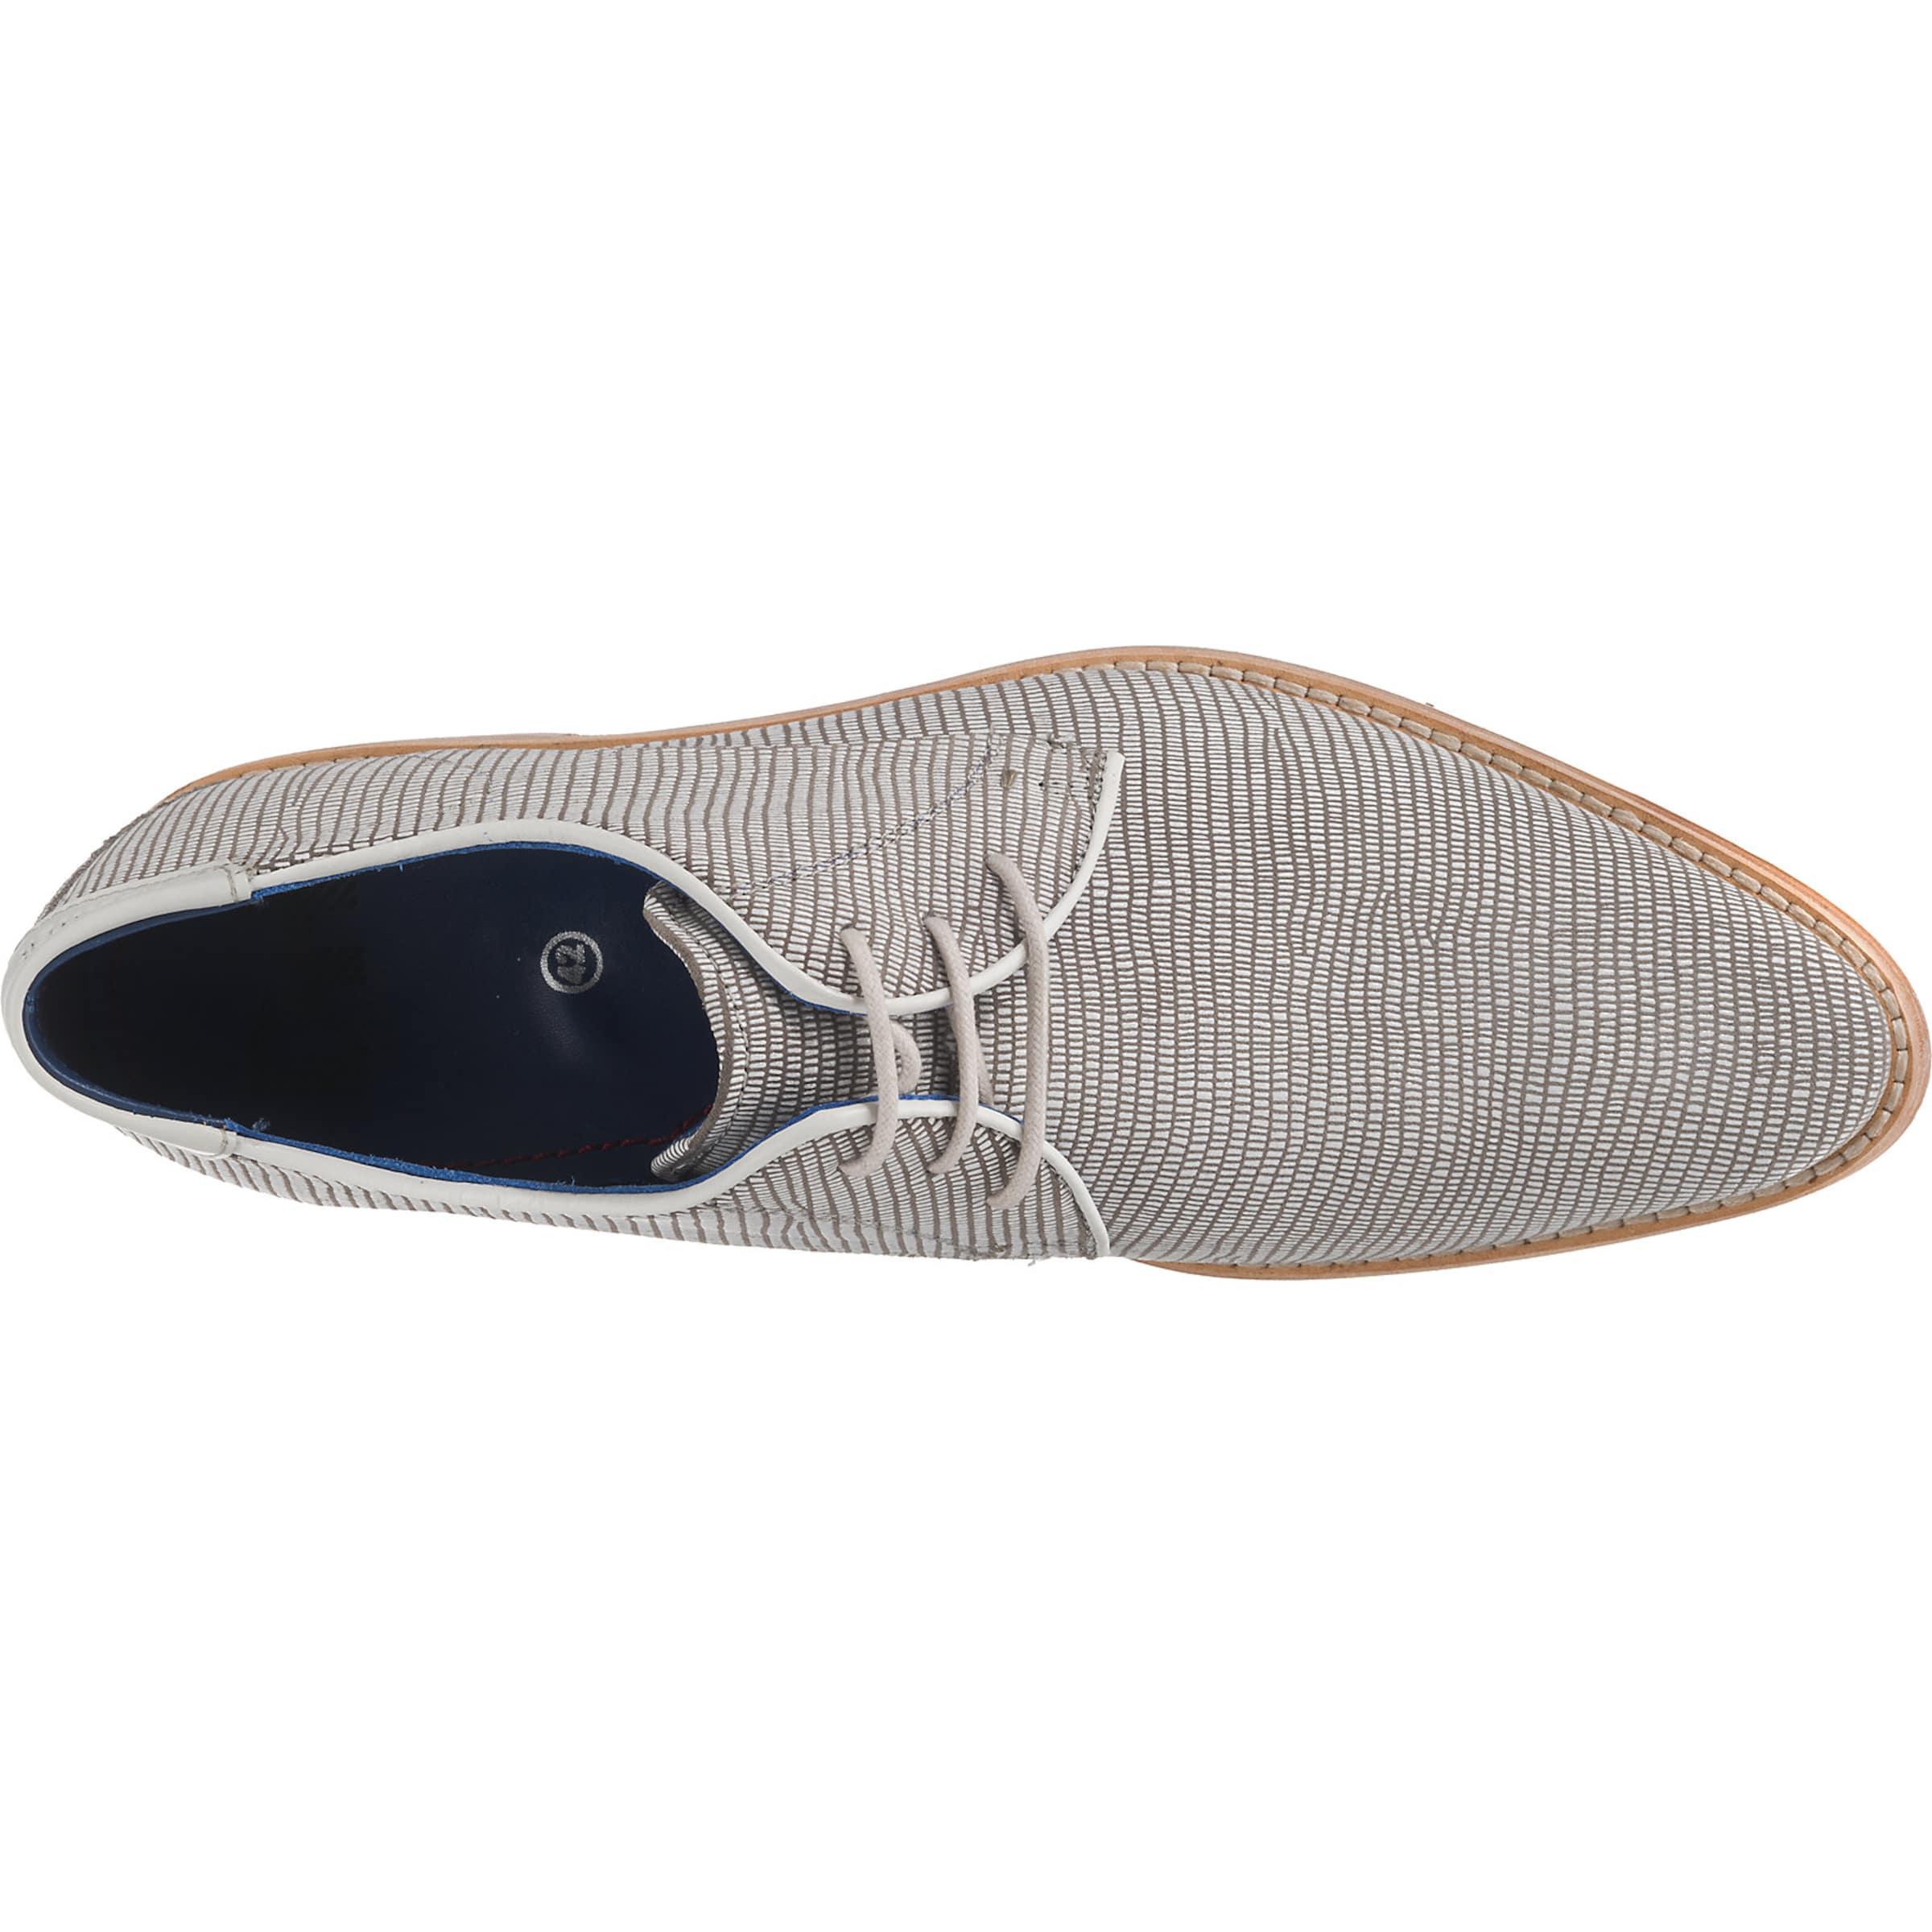 Hechter En À Lacets GreigeBlanc Chaussure Daniel 6Ygvfyb7